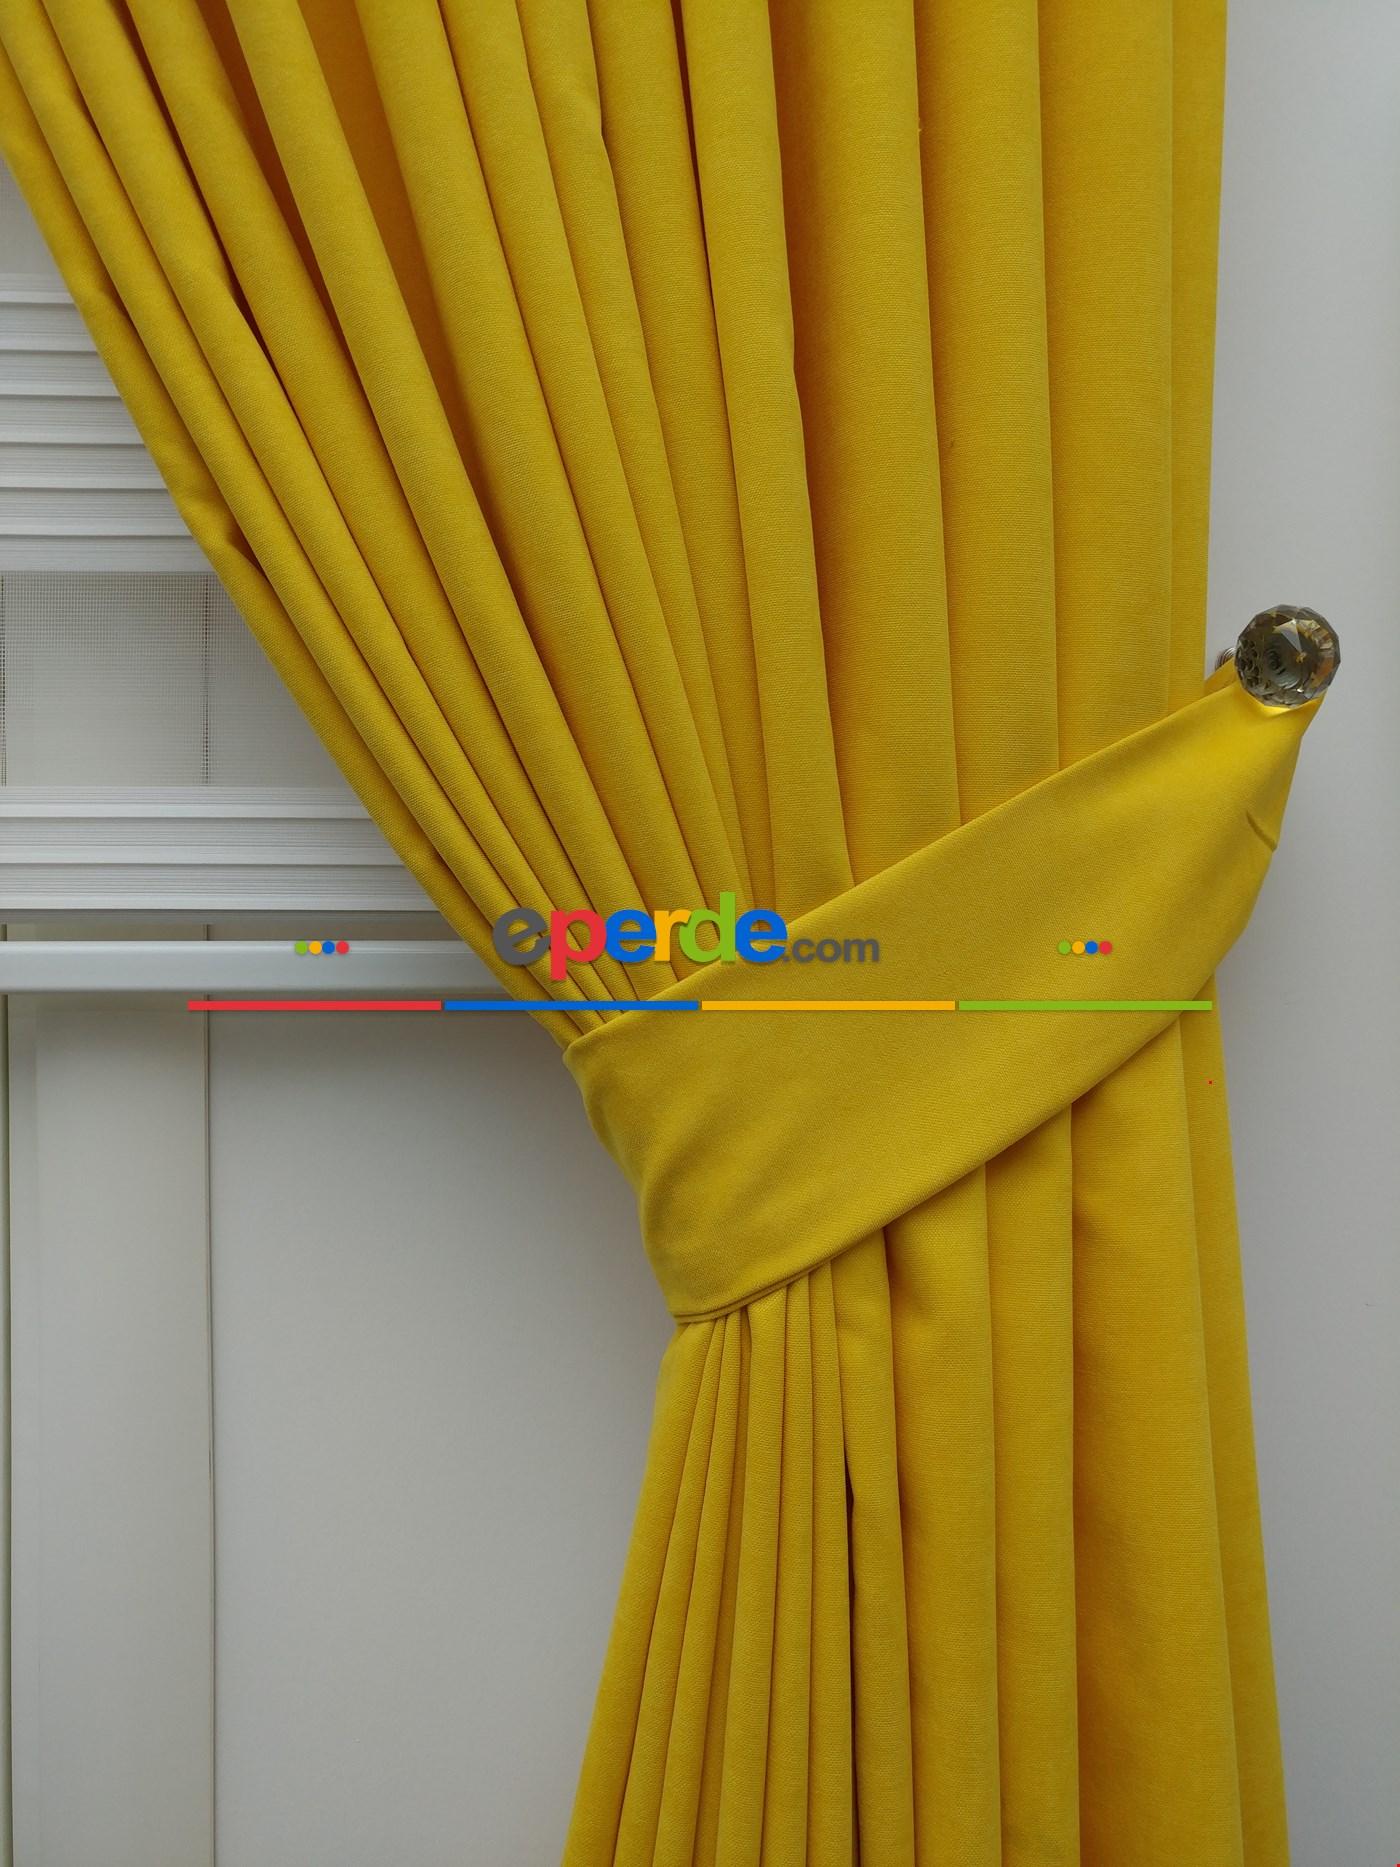 Sarı - Düz Fon Perde (150cm En Dökümlü Fon) Sarı